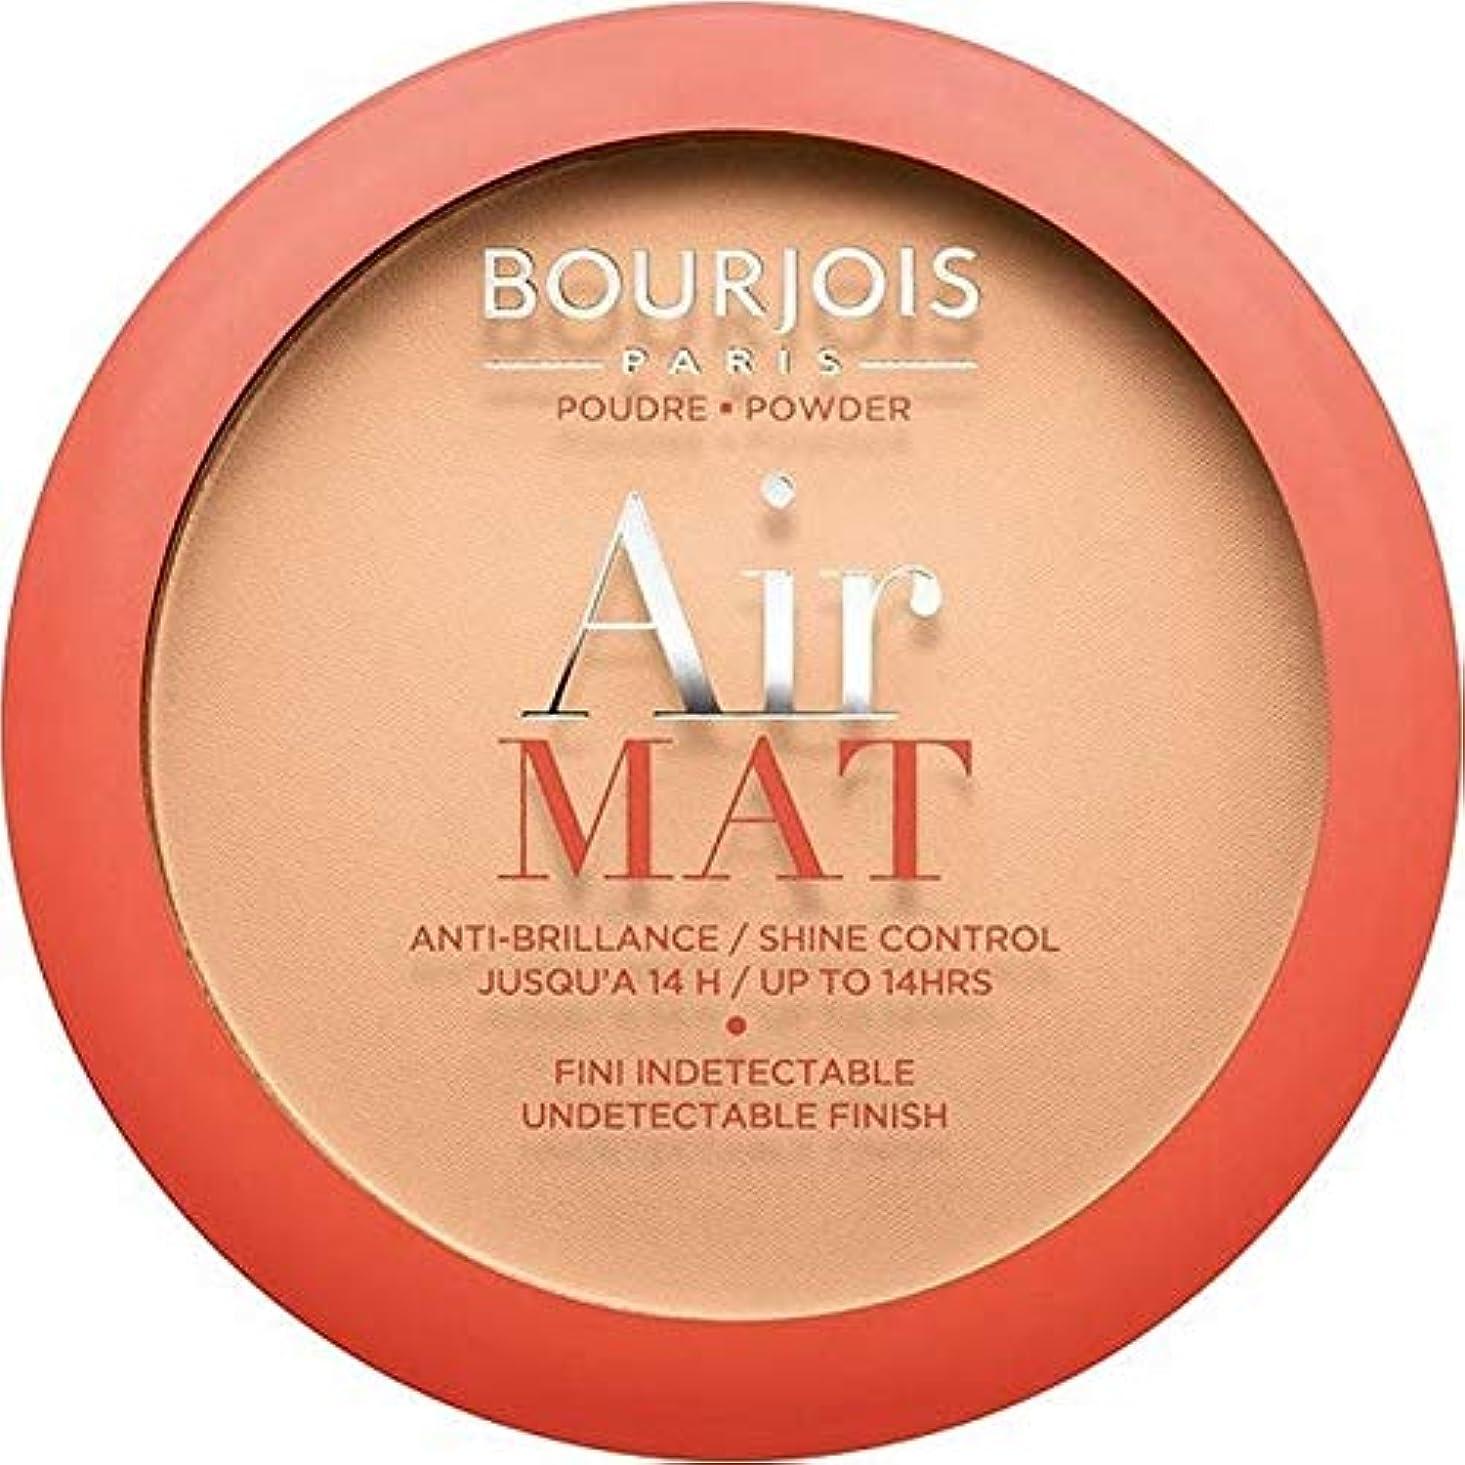 密で眠いです[Bourjois ] ブルジョワエアーマットは、粉末を押す - アプリコットベージュ - Bourjois Air Mat Pressed Powder - Apricot Beige [並行輸入品]